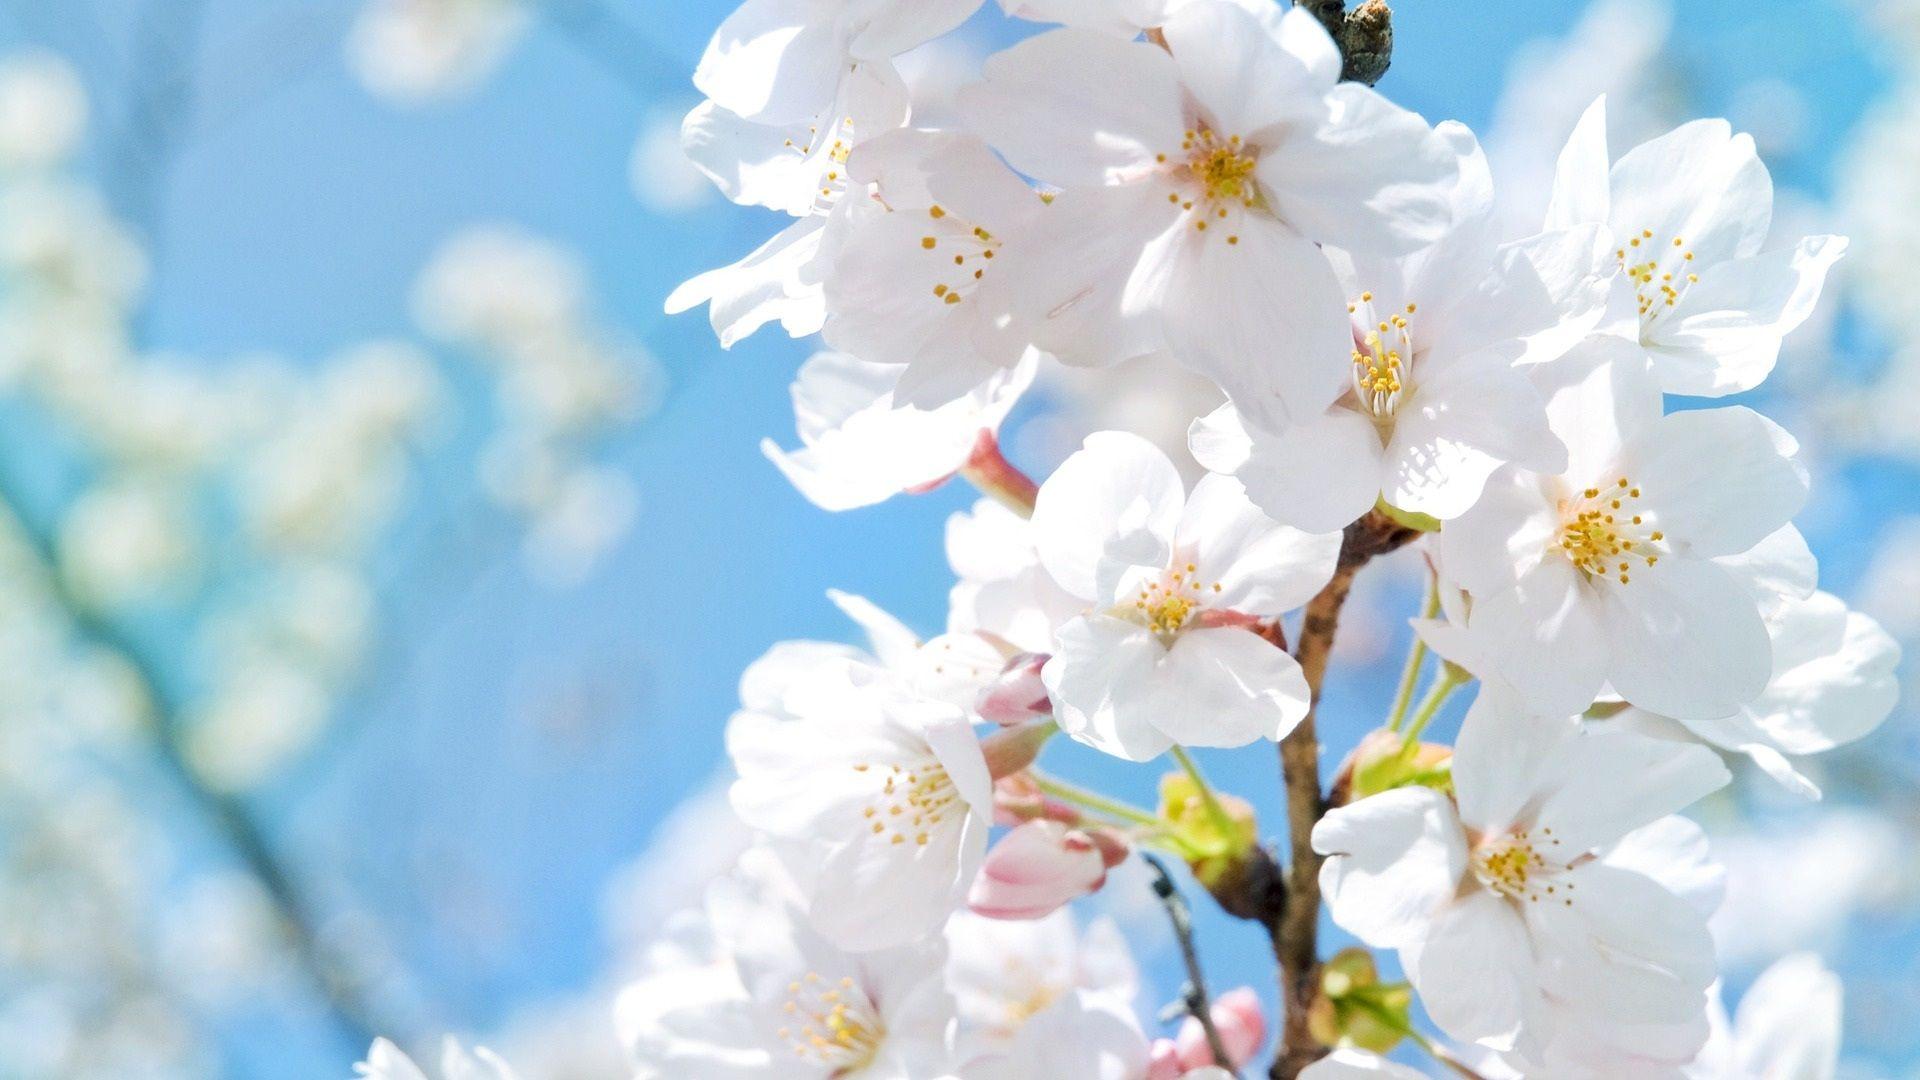 春に白い桜の花 壁紙 1920x1080 Flower Iphone Wallpaper Spring